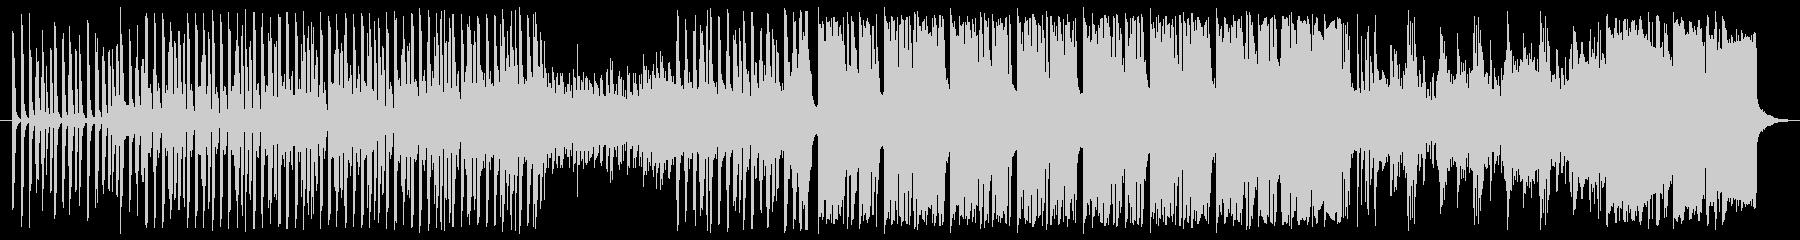 クールなテクノオーケストラの未再生の波形